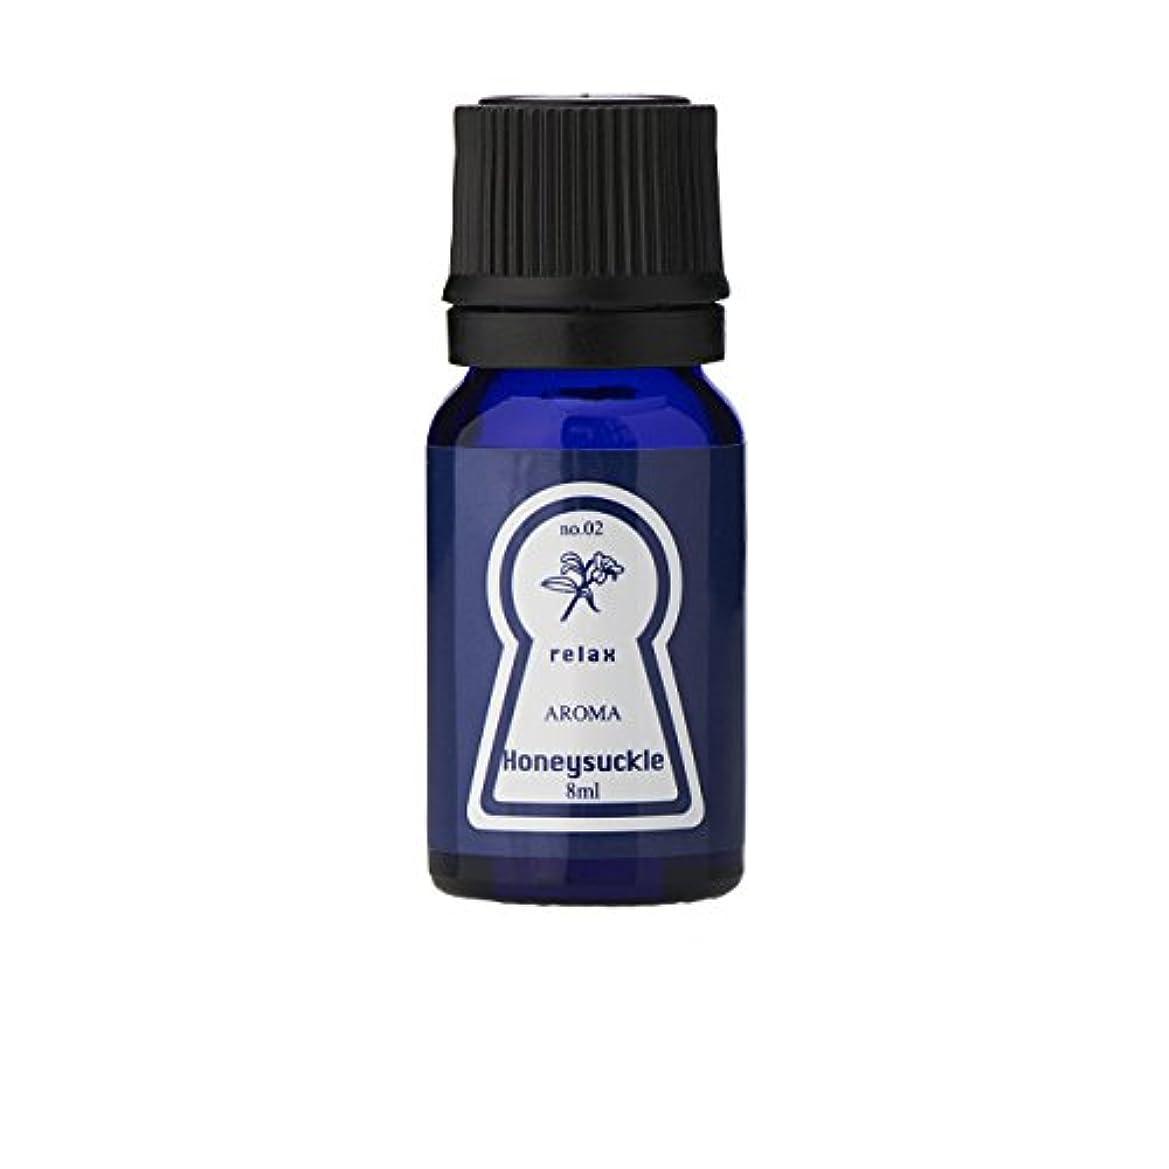 リビジョンそれによって略すブルーラベル アロマエッセンス8ml ハニーサックル(アロマオイル 調合香料 芳香用)